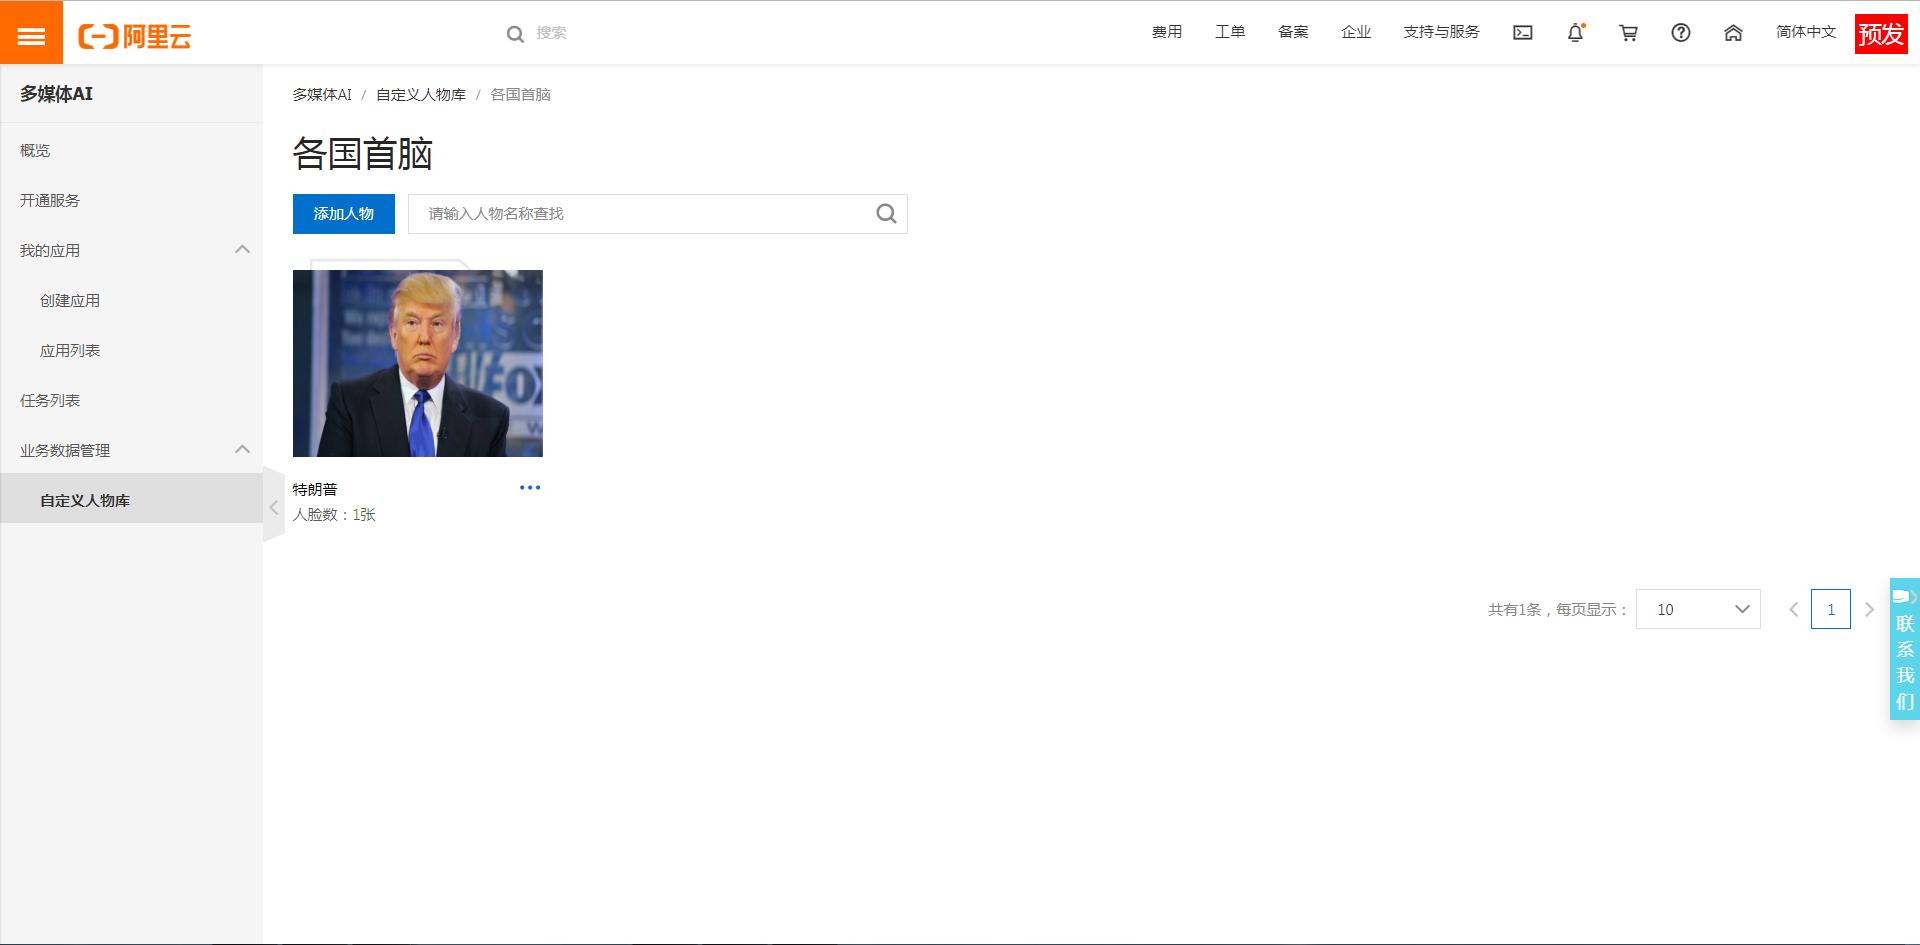 人脸库人物列表展示界面